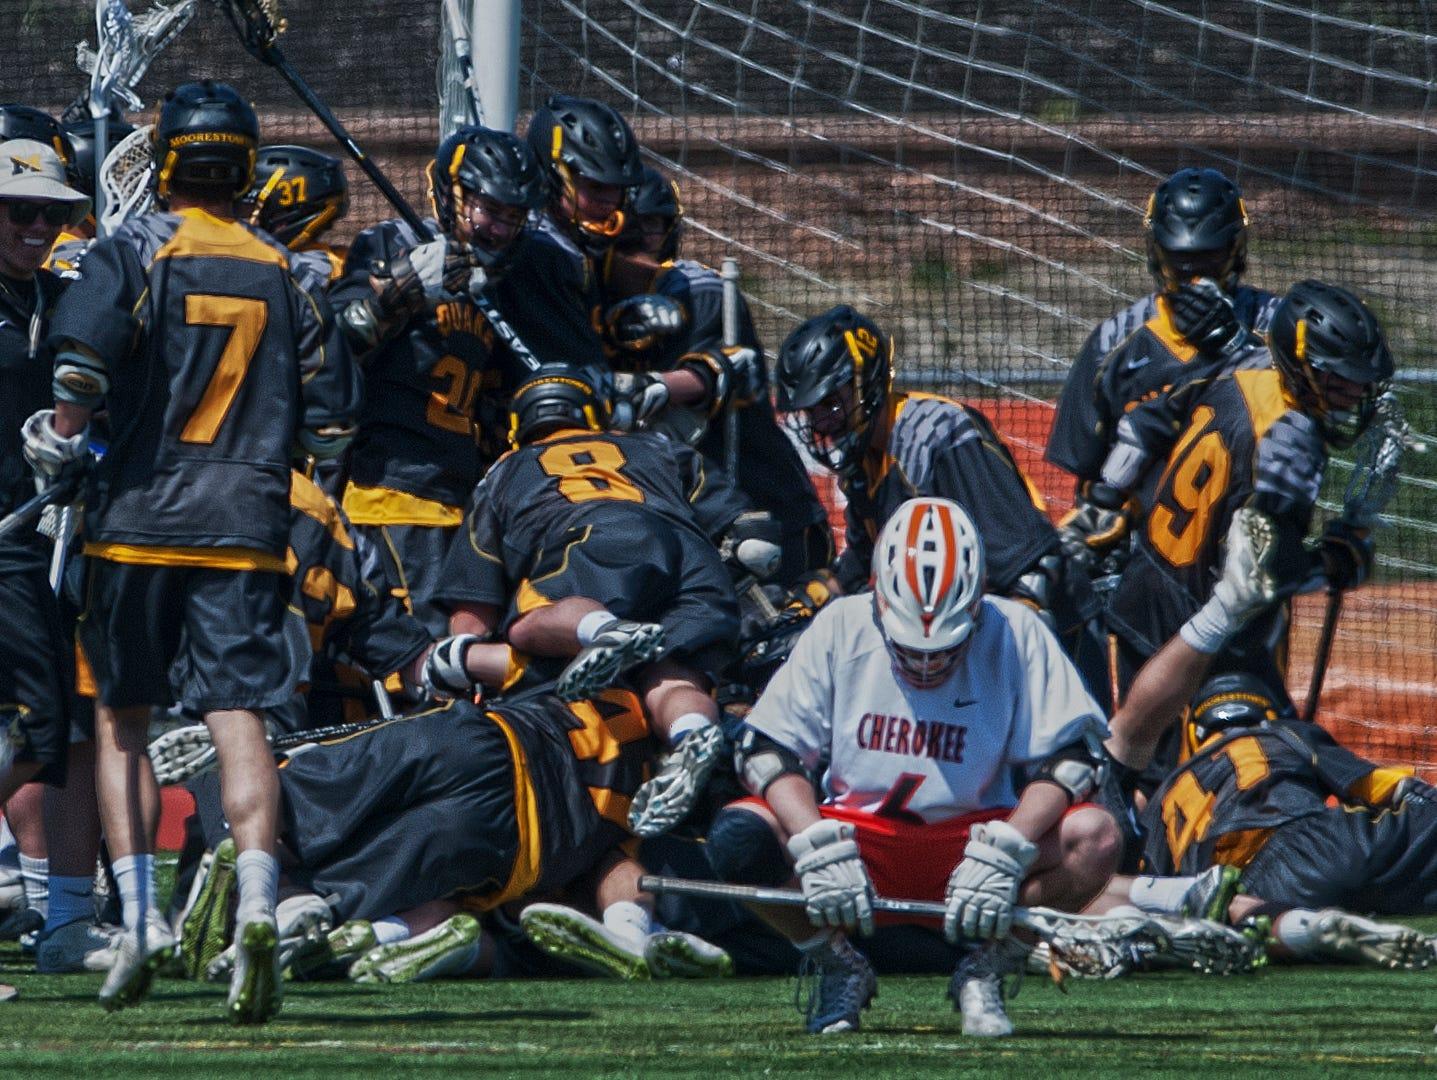 Cherokee's Jordan Krug looks dejected as Moorestown lacrosse players celebrate after winning in a double overtime against Cherokee at Cherokee High School